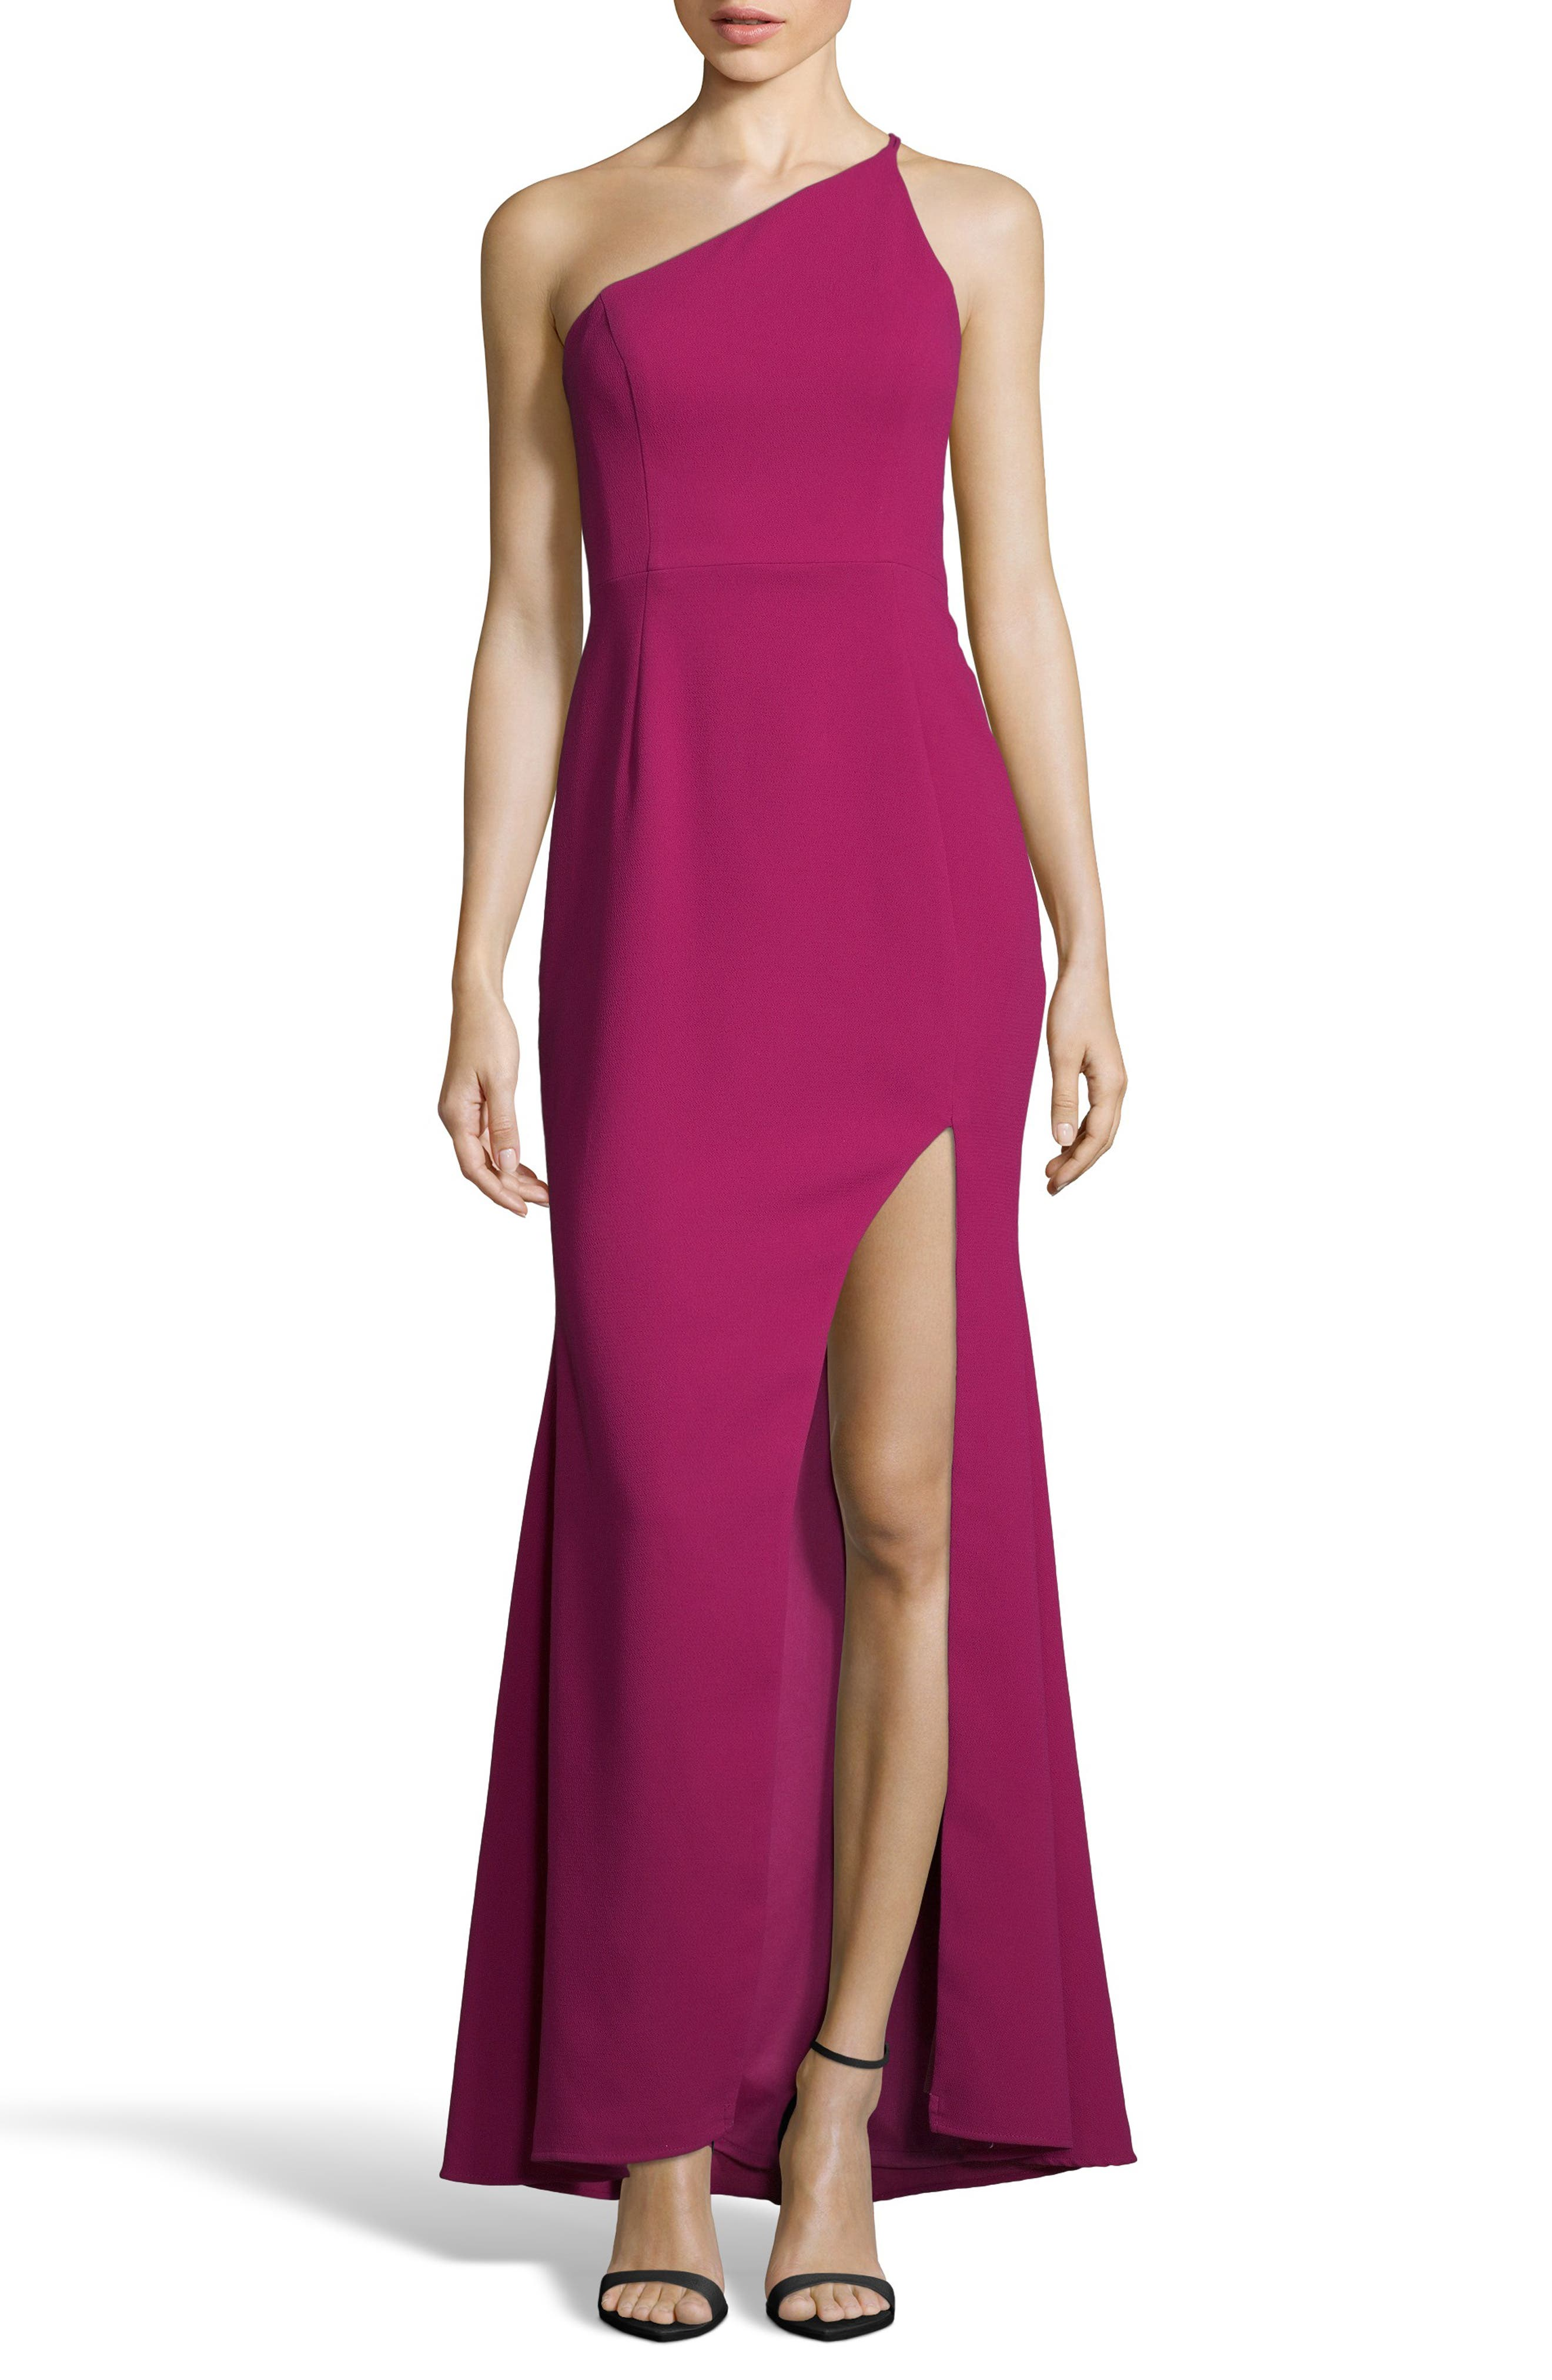 Xscape One-Shoulder Crepe Evening Dress, Pink